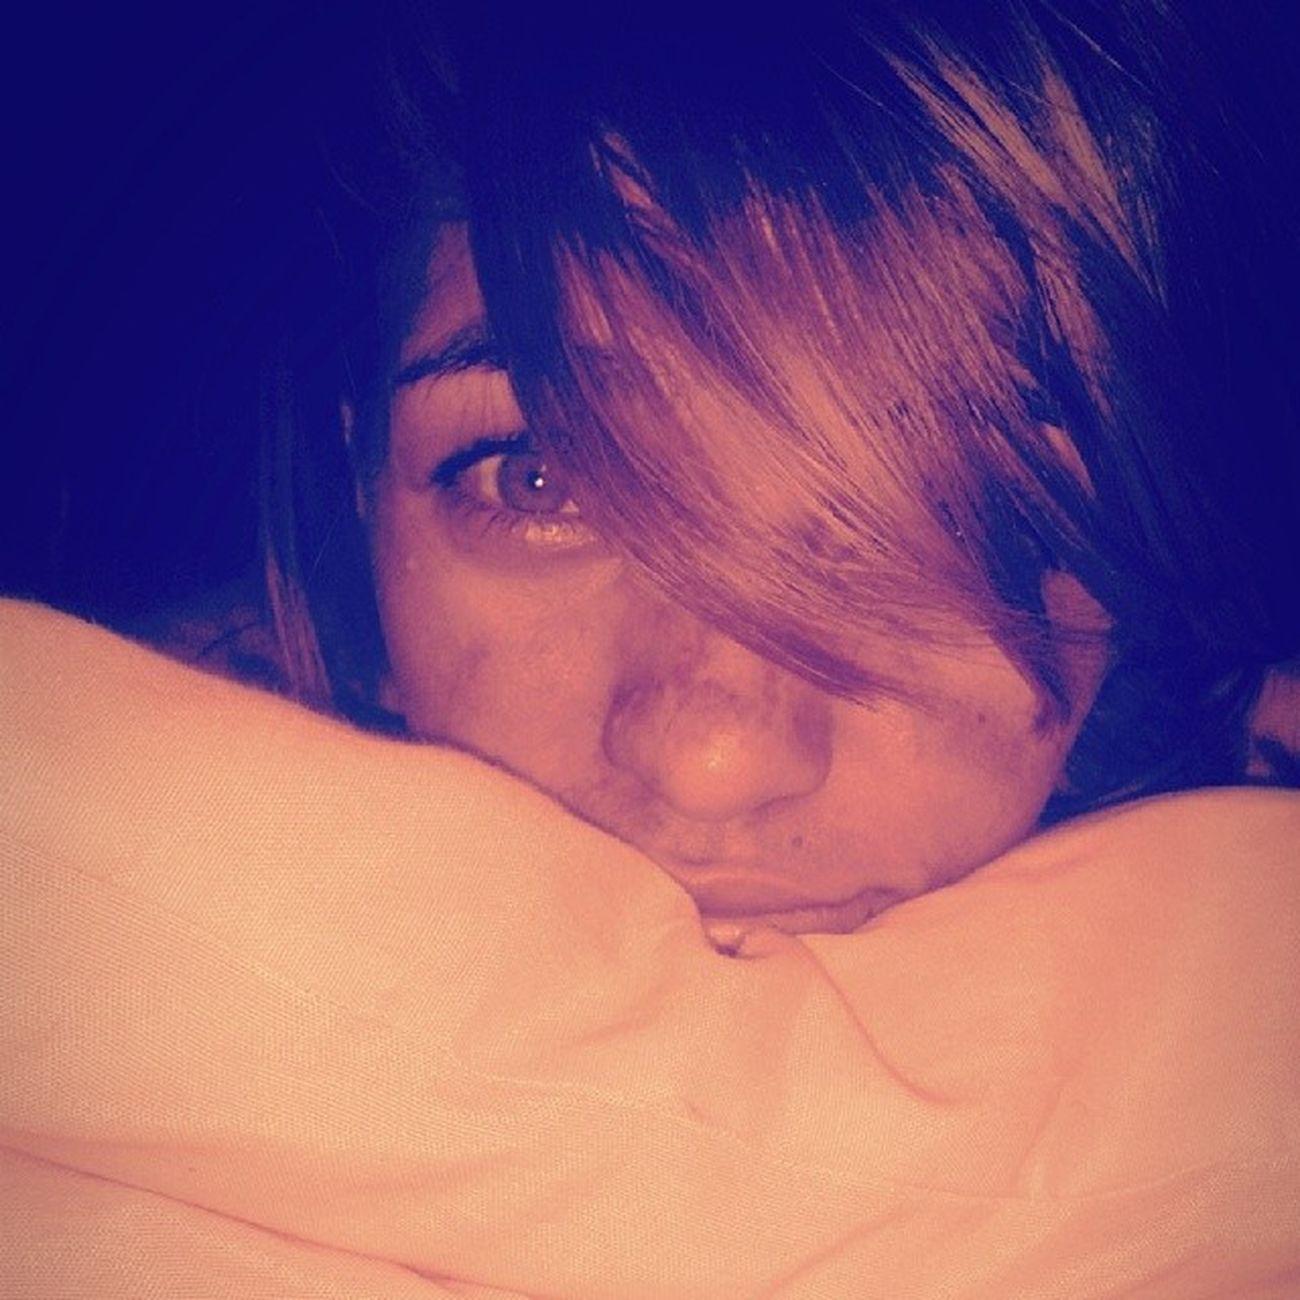 Às vezes no silêncio da noite Eu fico imaginando nós dois Eu fico ali sonhando acordado Juntando o antes, o agora e o depois Por que você me deixa tão solto? Por que você não cola em mim? Tô me sentindo muito sozinho Não sou nem quero ser o seu dono É que um carinho às vezes cai bem Eu tenho os meu desejos e planos secretos Só abro pra você mais ninguém Por que você me esquece e some? E se eu me interessar por alguém? E se ela, de repente, me ganha? Quando a gente gosta É claro que a gente cuida Fala que me ama Só que é da boca pra fora Ou você me engana Ou não está madura Onde está você agora? Music Lovemusic CaetanoVeloso Sozinho amar sonhar. pensar sorrir viver serfeliz